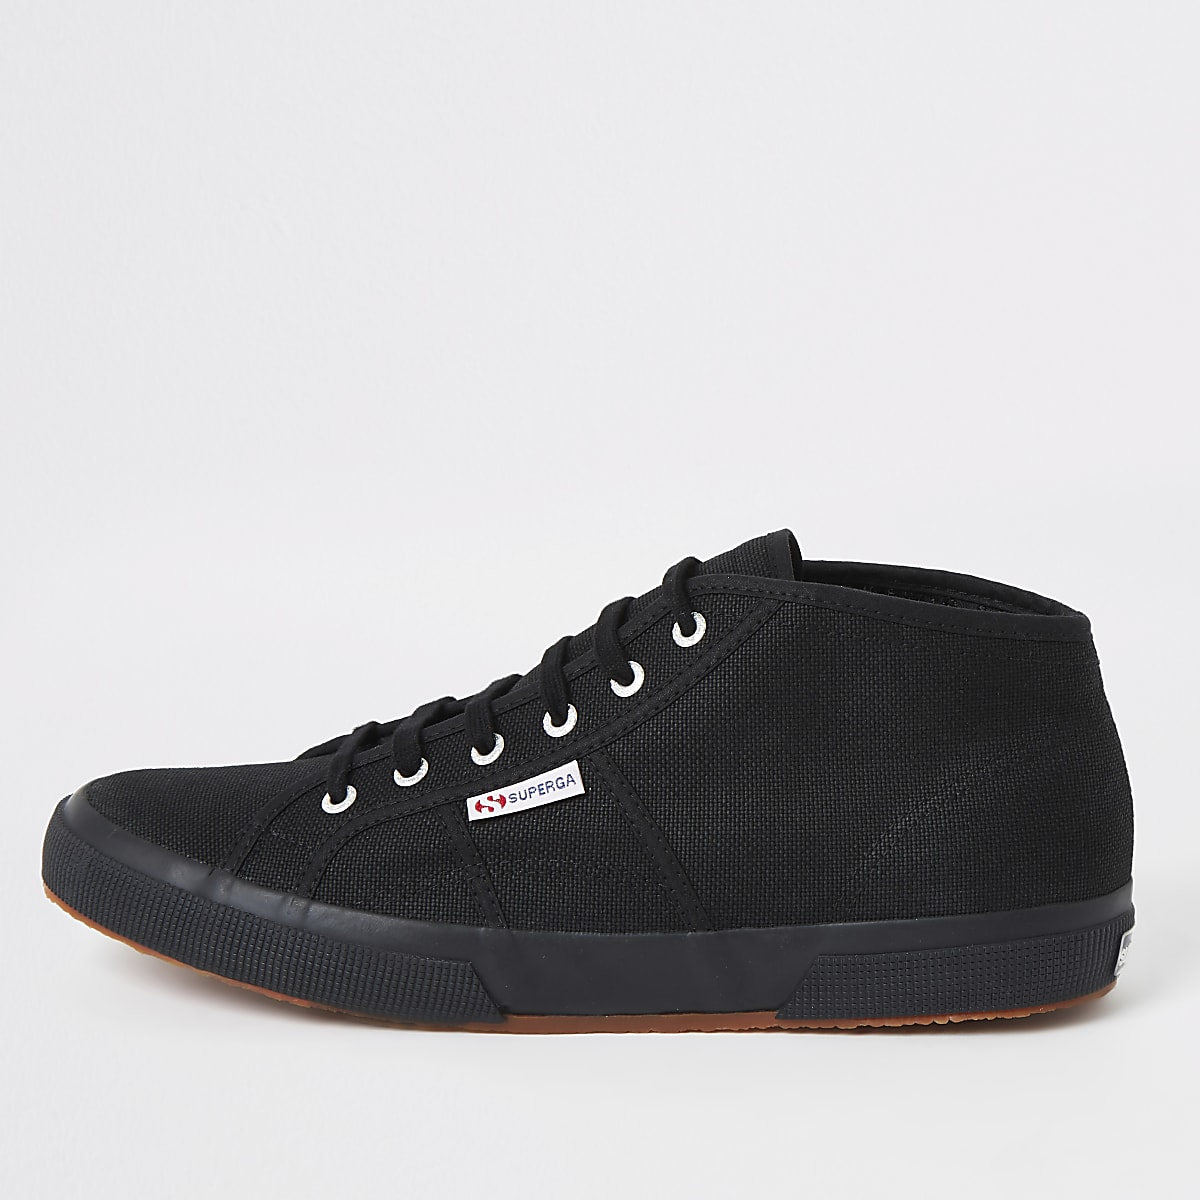 Superga black midtop classic trainers